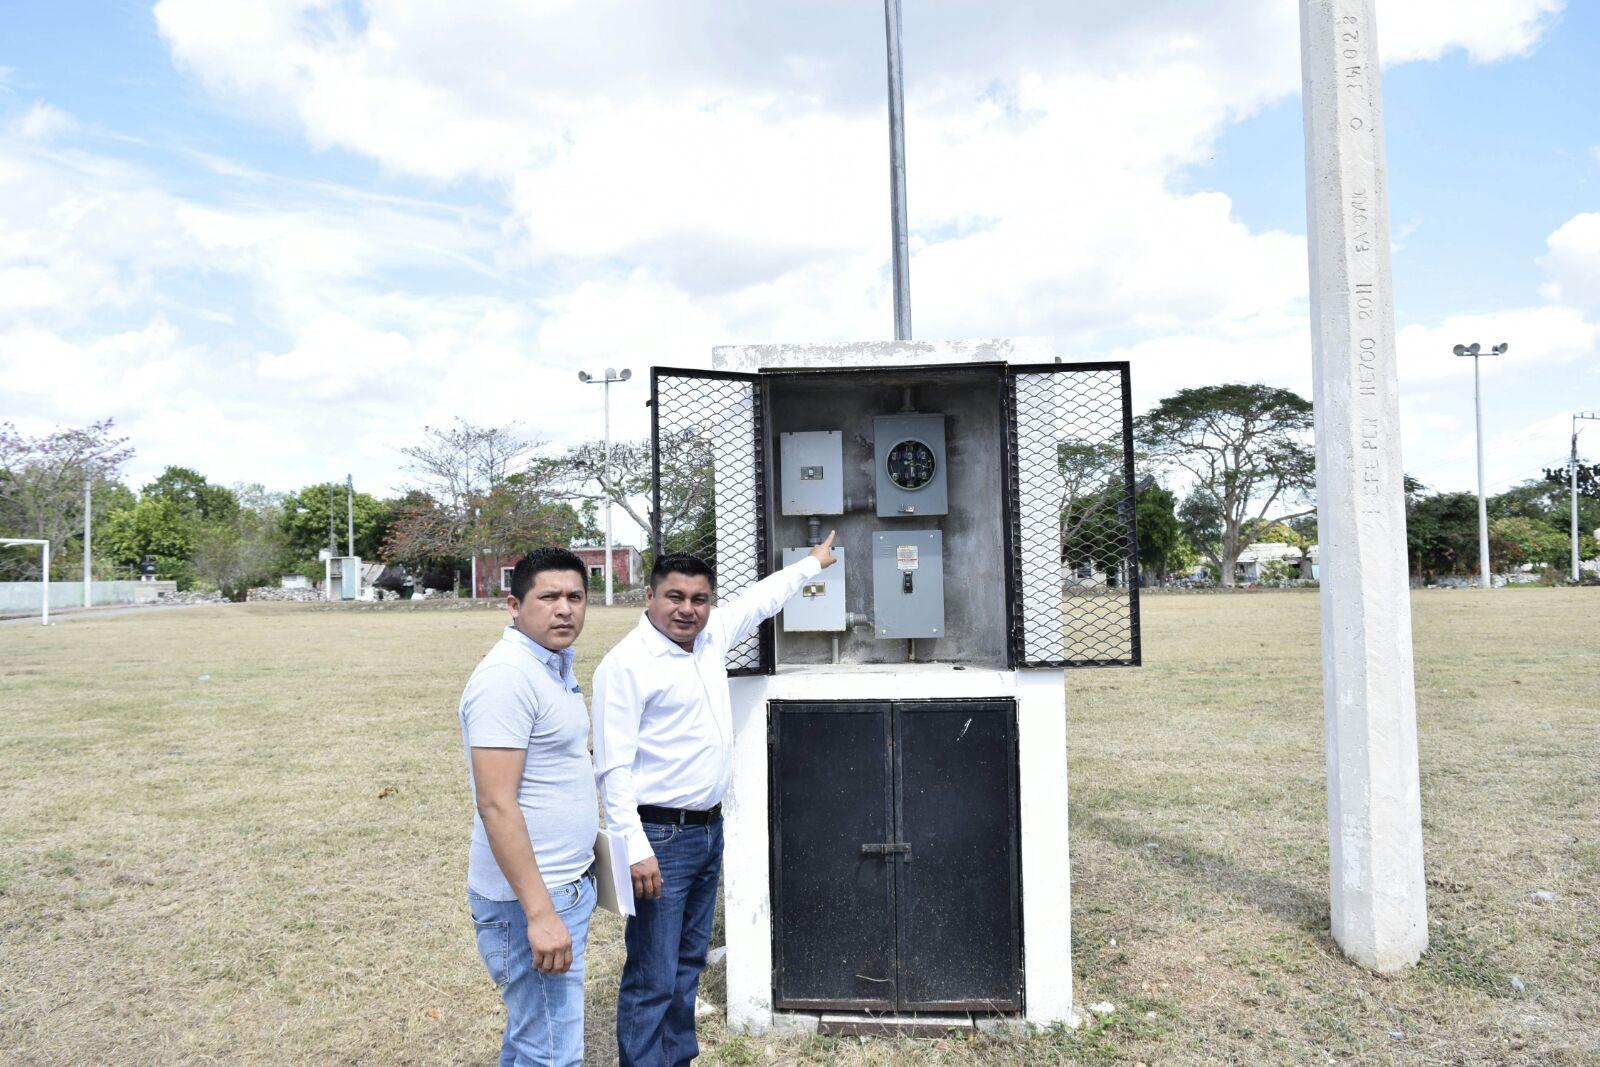 Exige CFE pago de consumo a campo deportivo sin electricidad